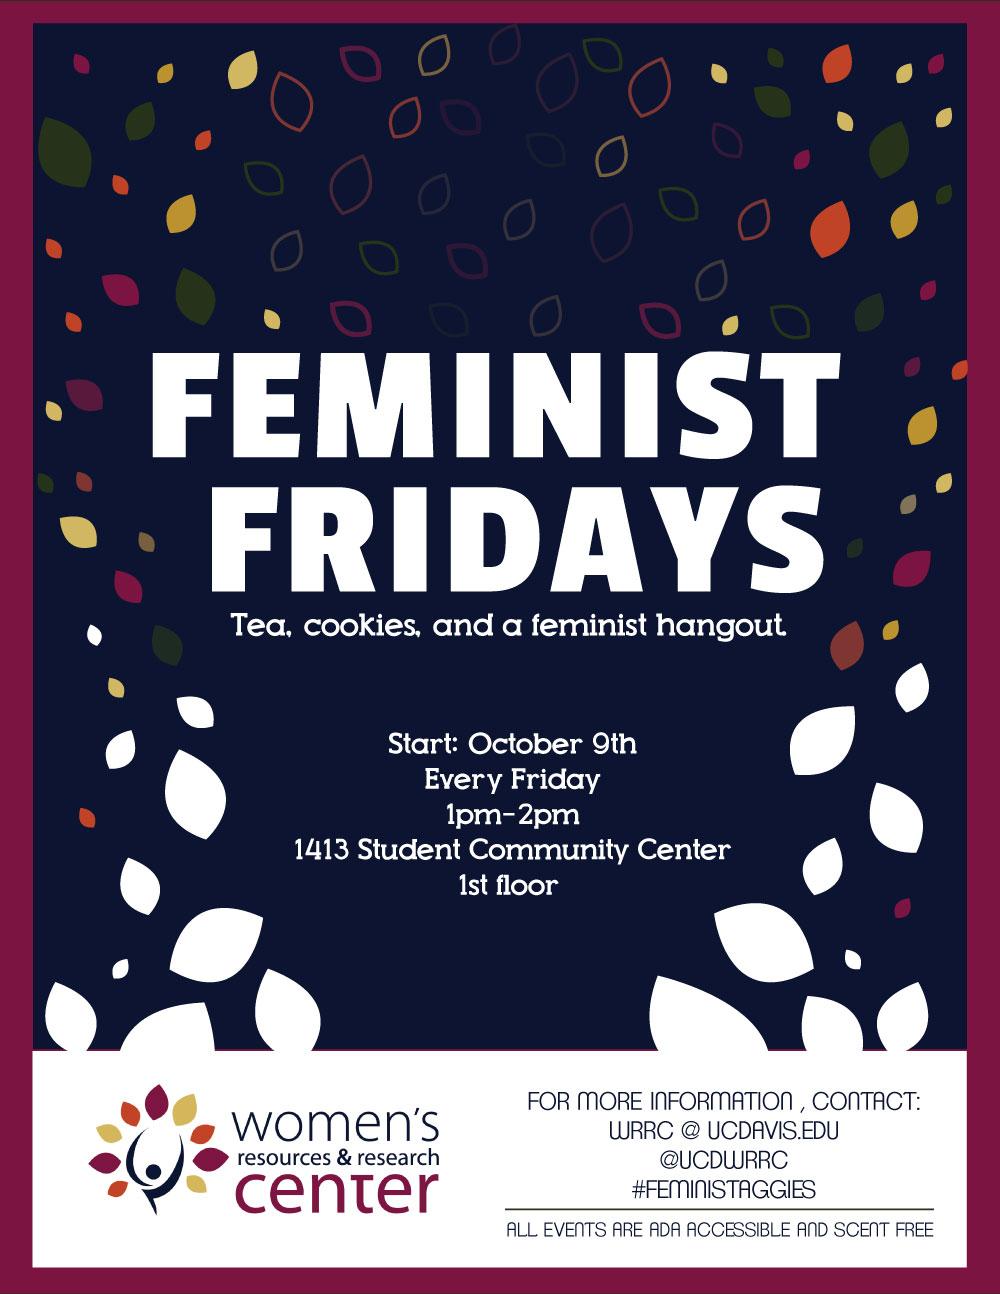 Feminist-Friday.jpg